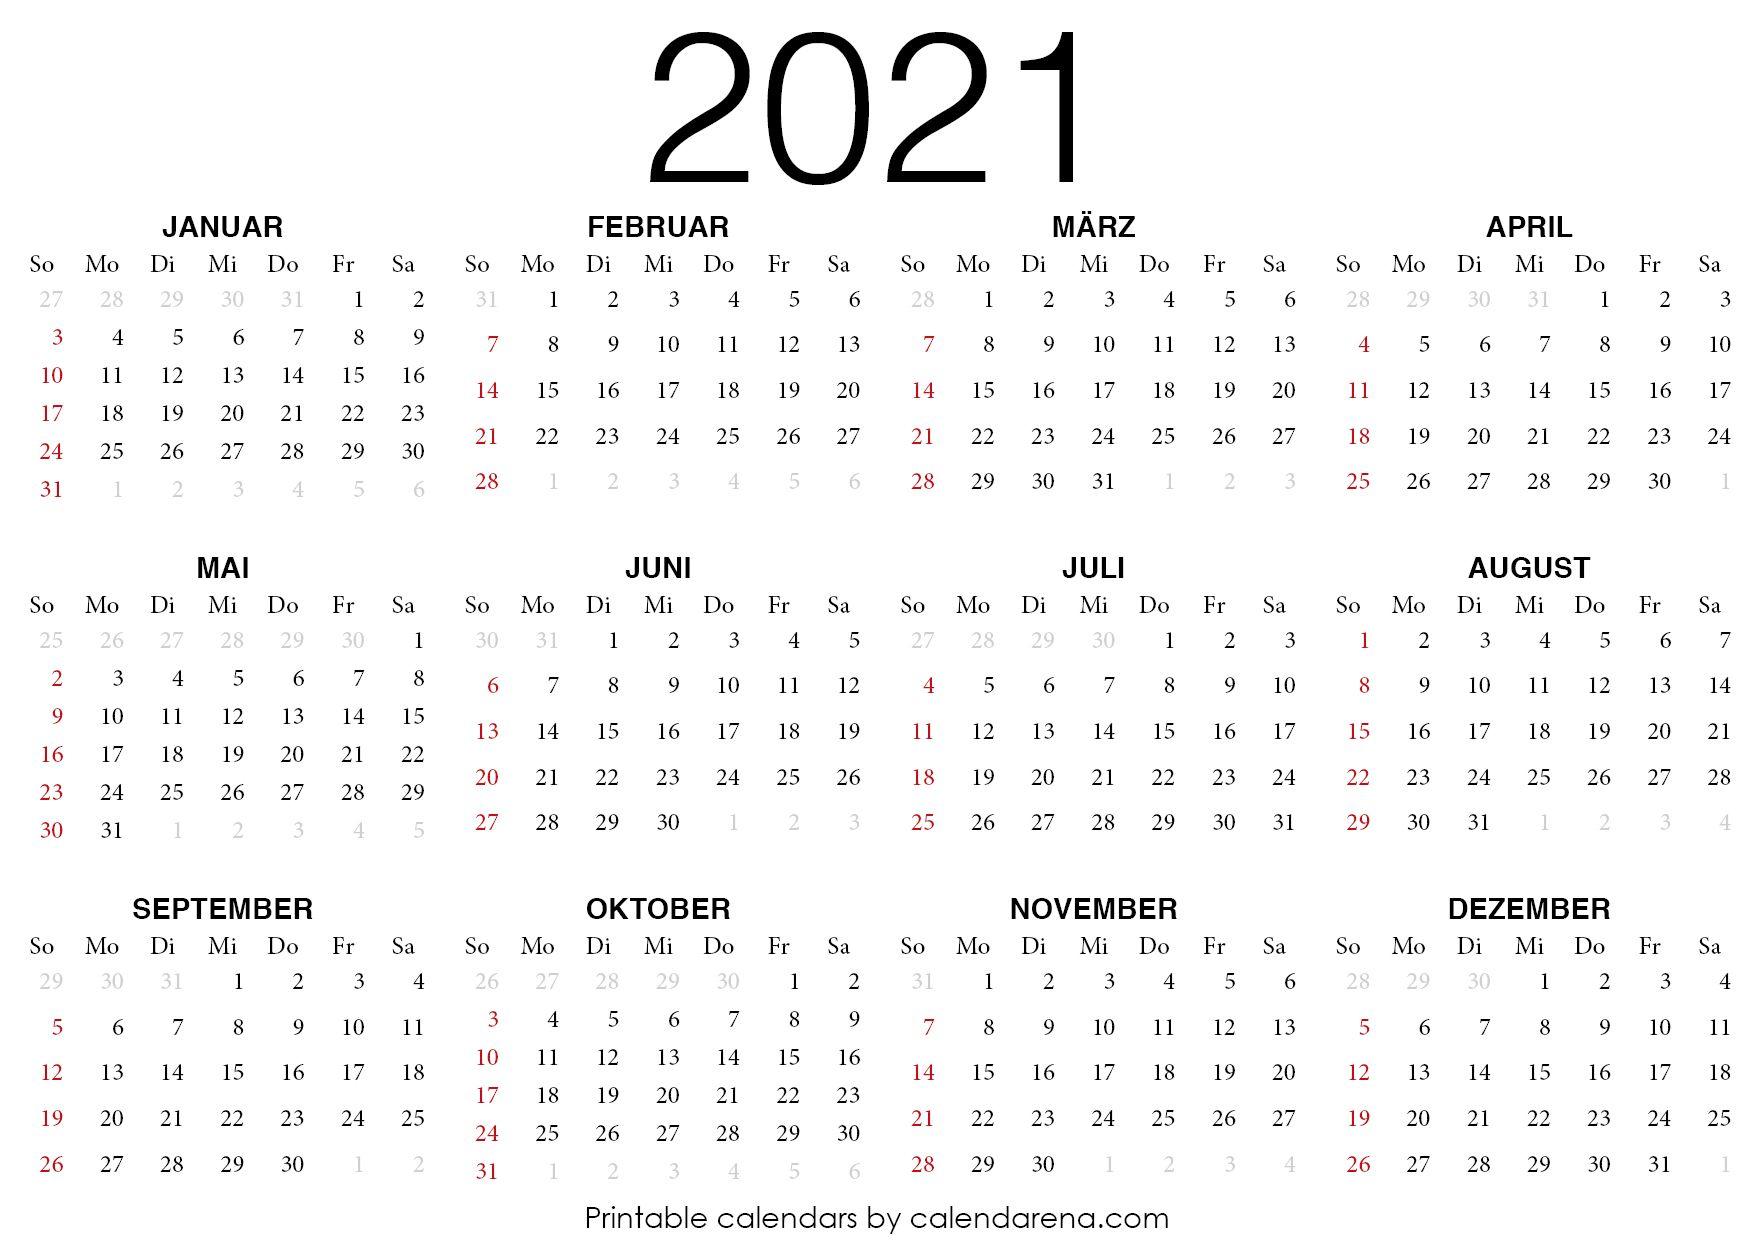 2021 Kalender Zum Ausdrucken Kalender Zum Ausdrucken Kalender Leerer Kalender